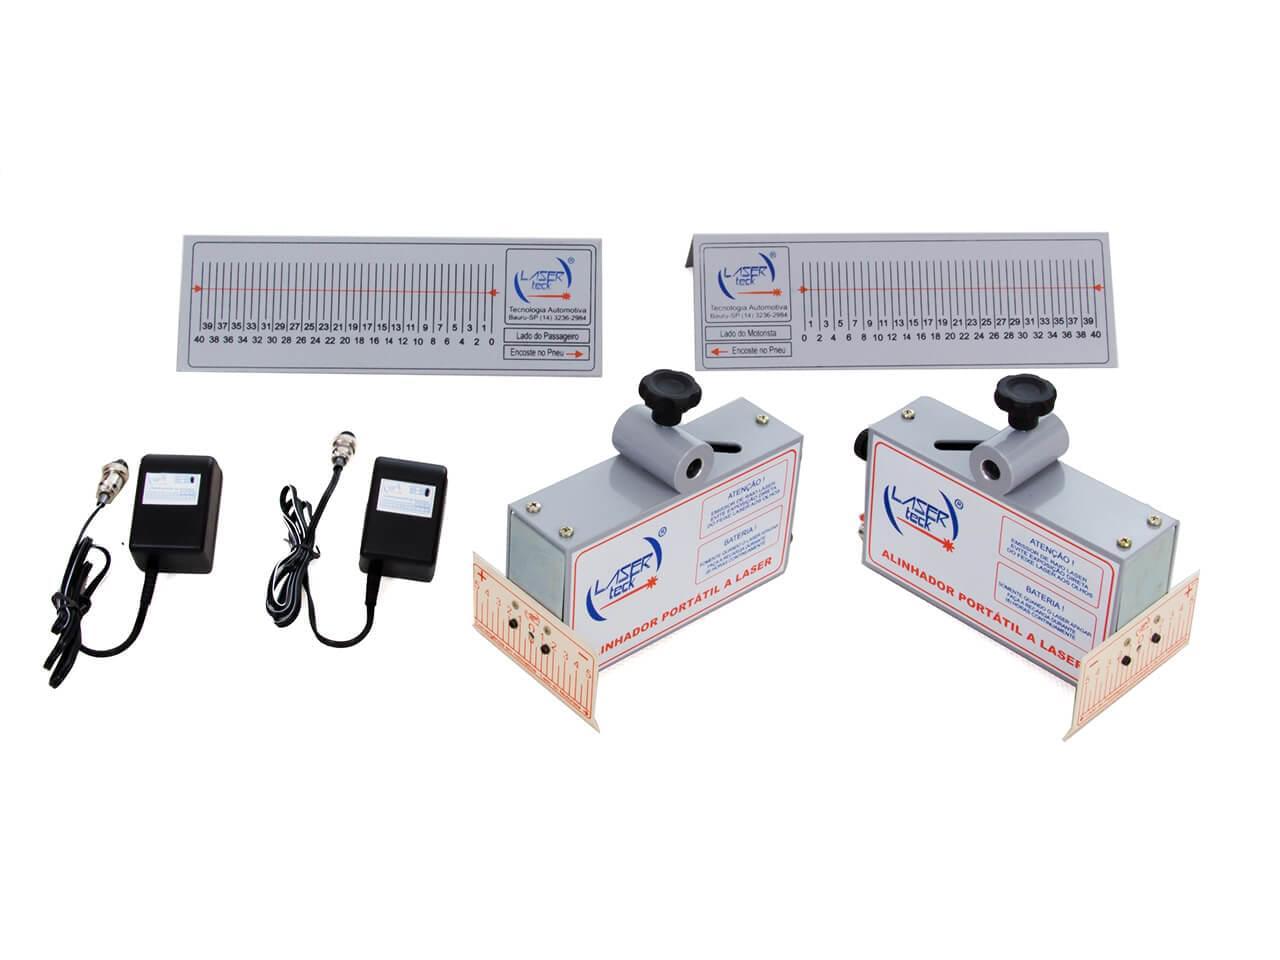 Projetores de Painel com carregadores de Bateria + Par de escalas traseira (FRETE INCLUSO)